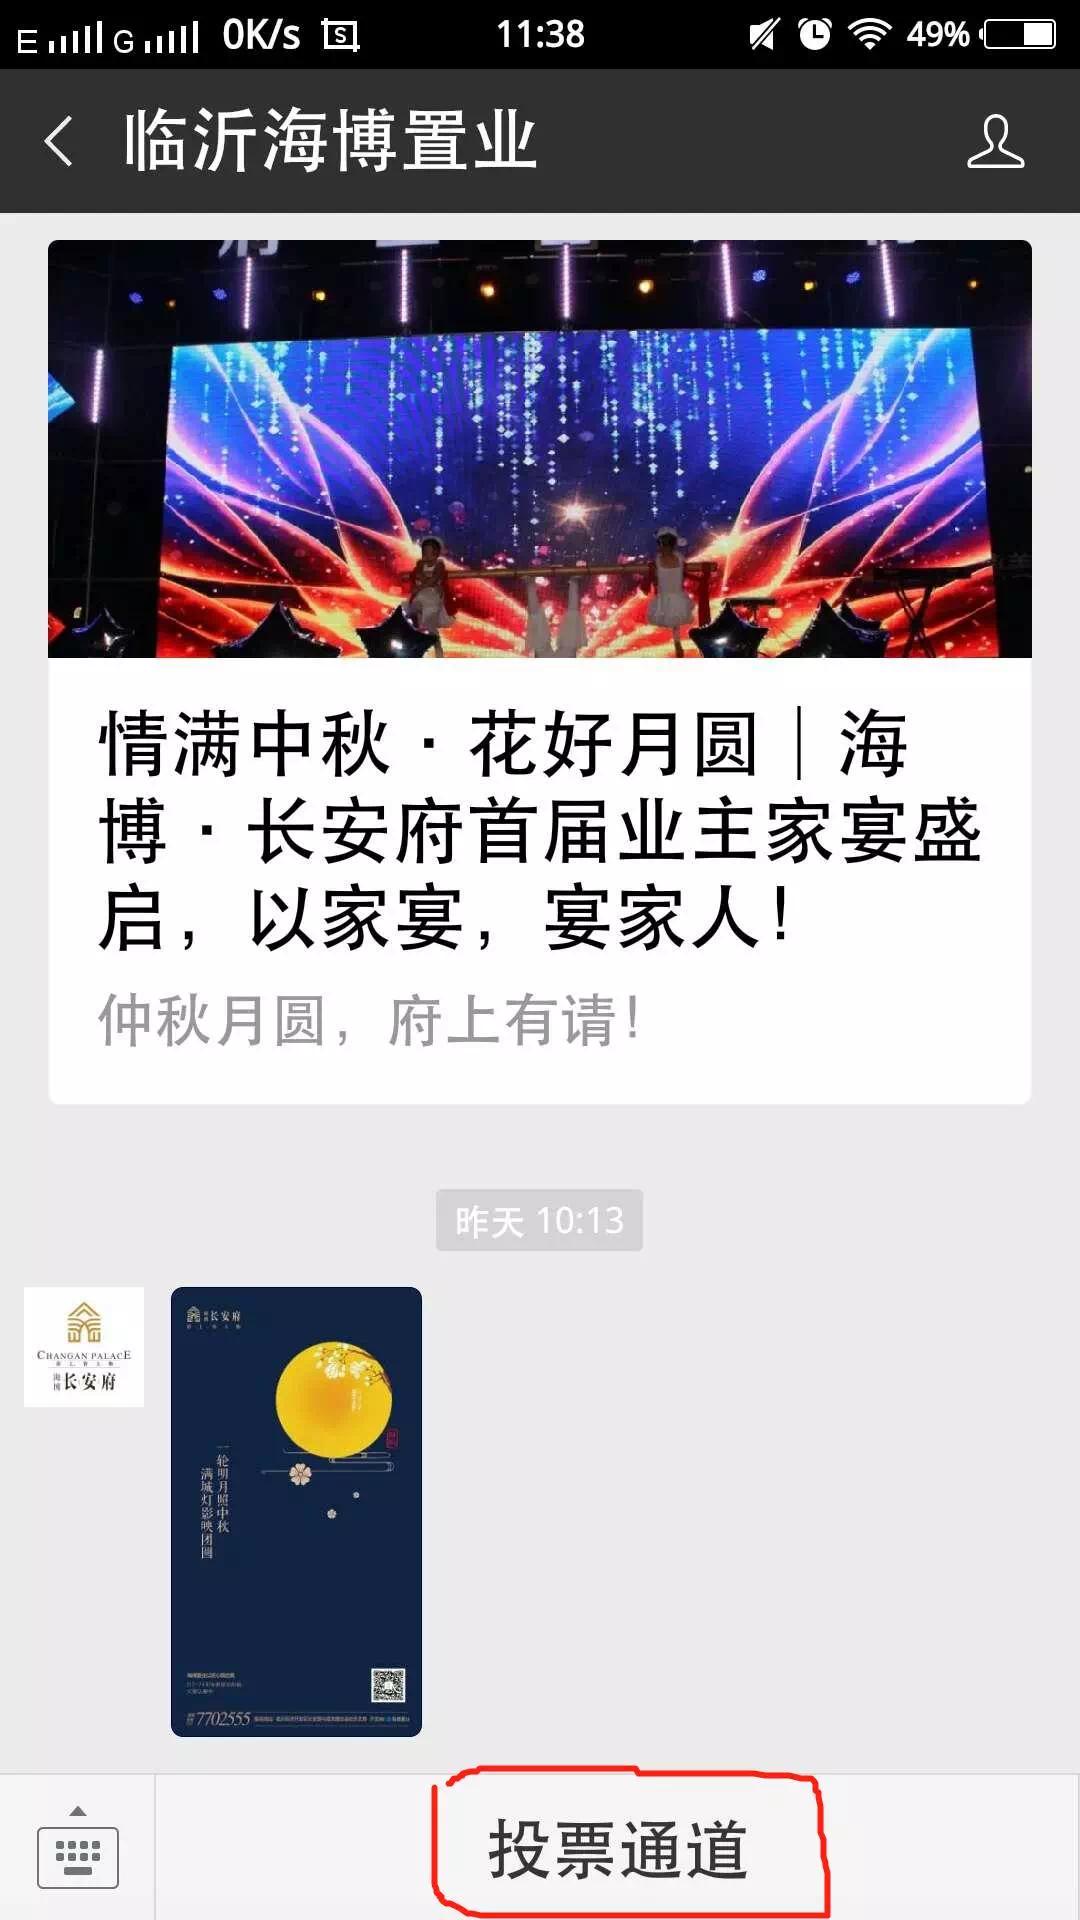 """""""海博·长安府杯""""映象开发区2018微电影大赛开始投票啦!"""